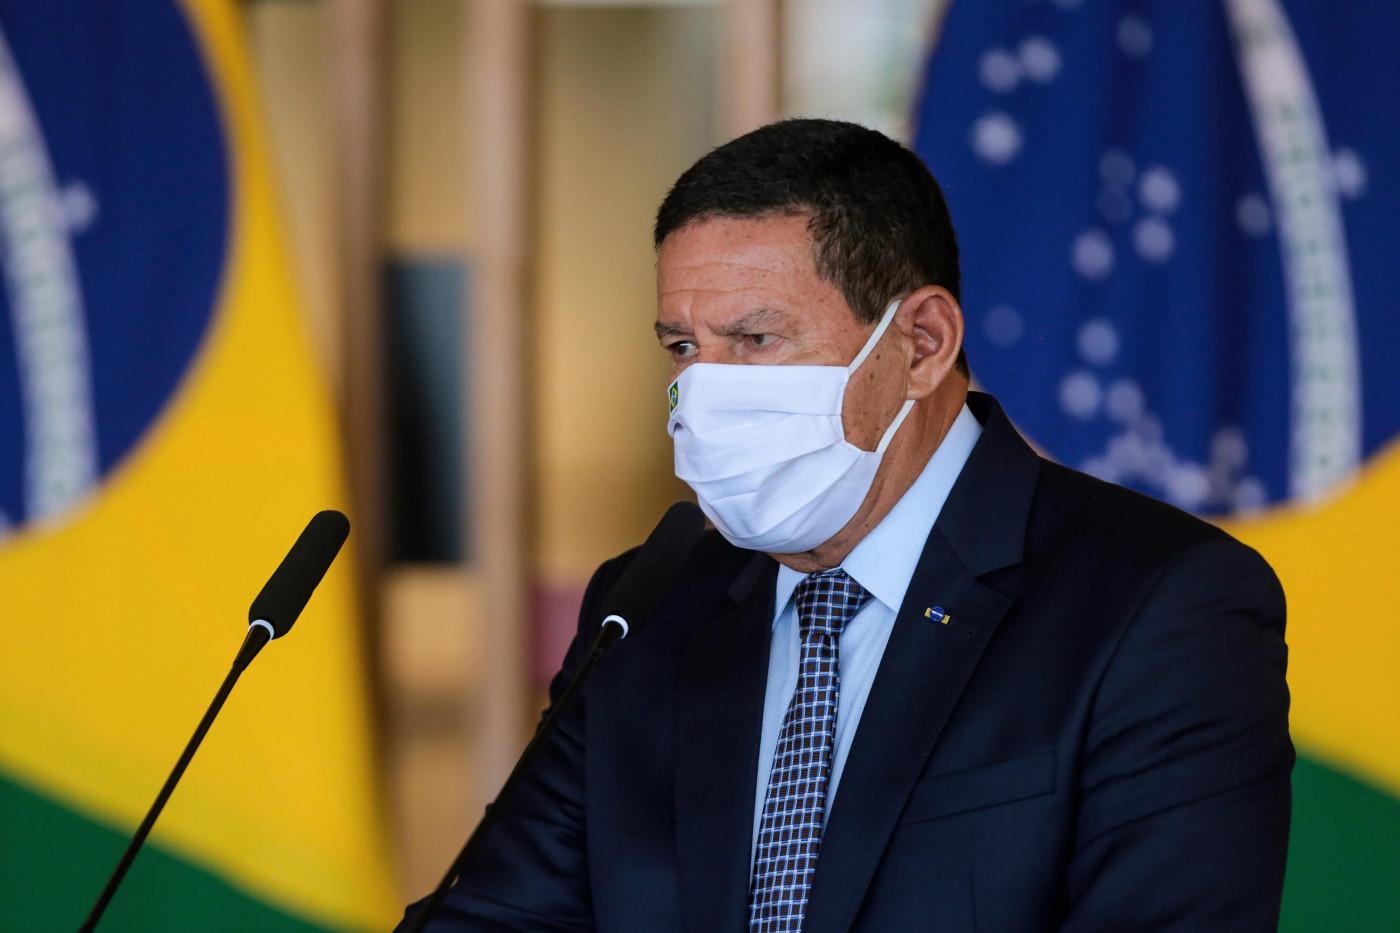 Hamilton Mourão, vice-presidente da República, usa máscara de proteção branca e terno preto durante coletiva do Conselho da Amazônia